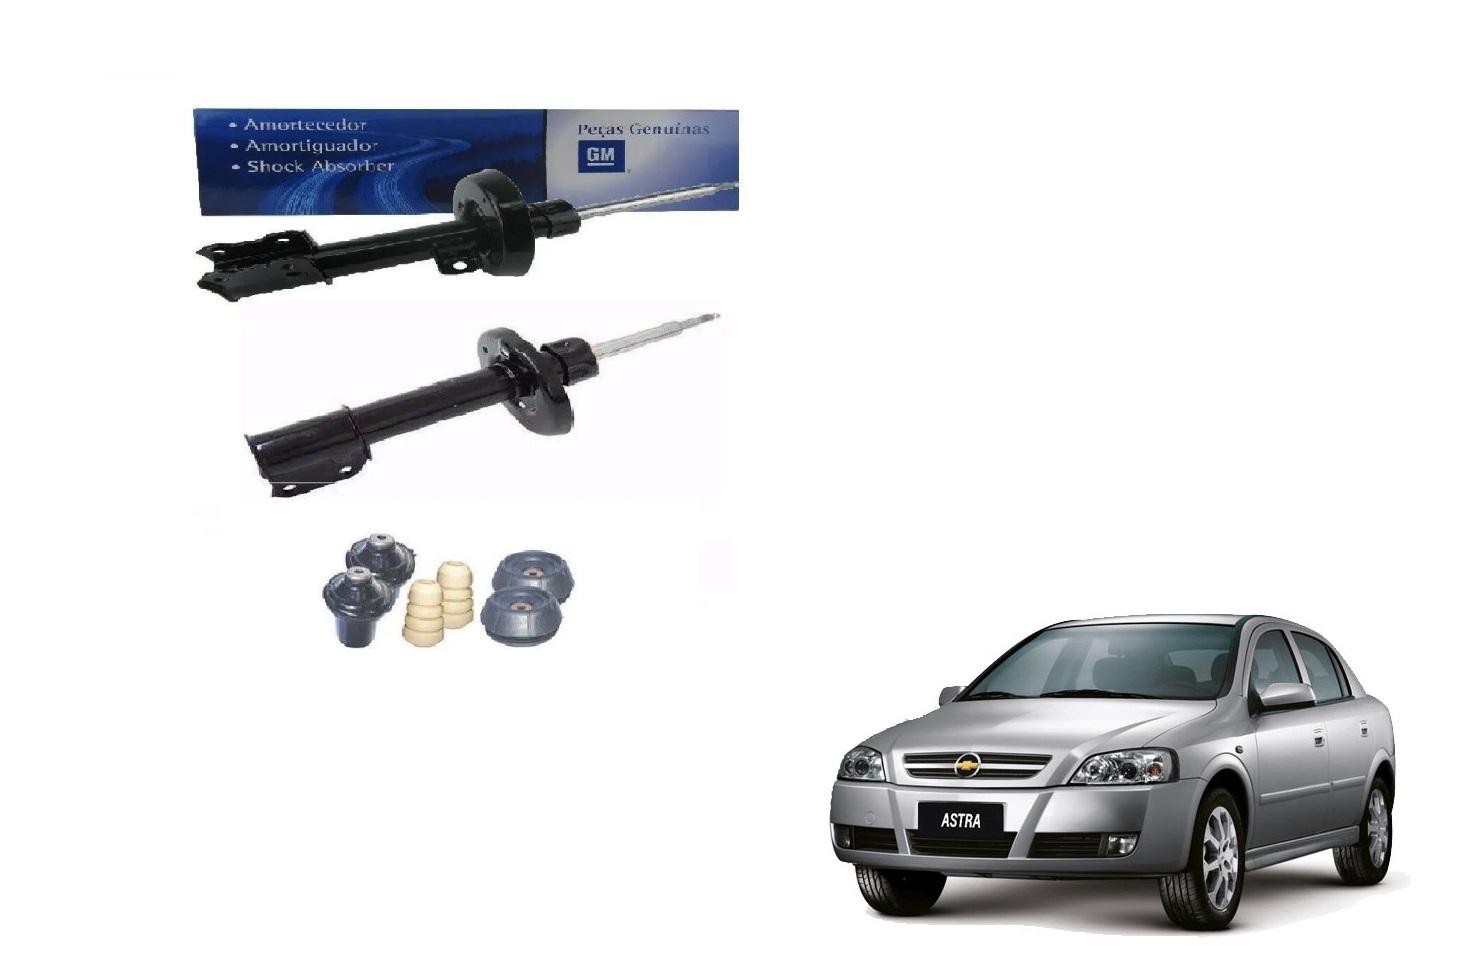 Amortecedor dianteiro + kit suspensao (par) - Astra 1999 a 2011